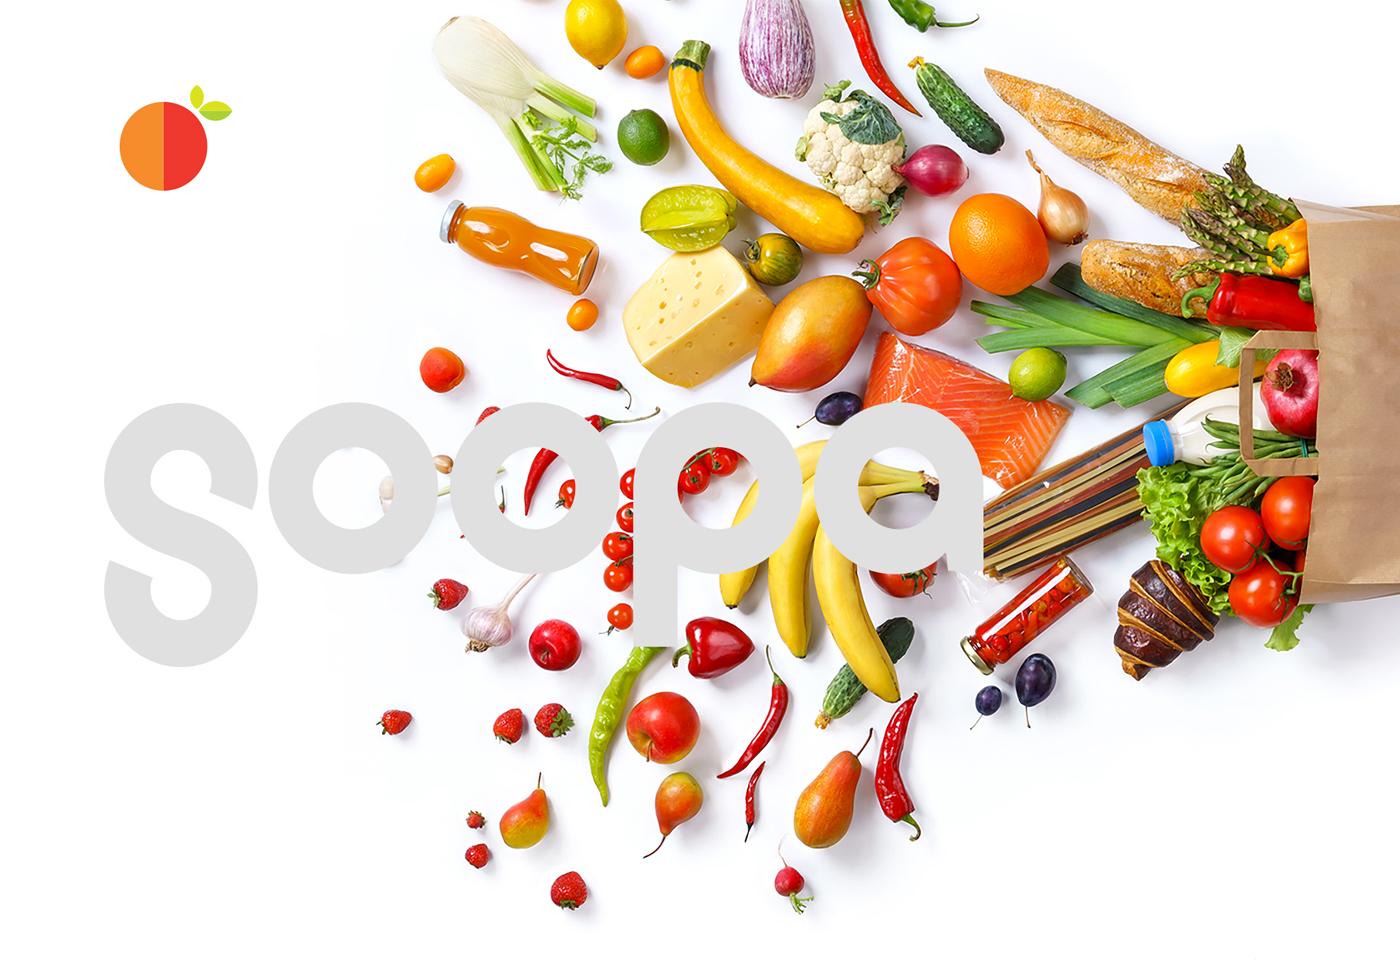 Supermarket,shop,Fruit,Grocery,app,vegetables,application